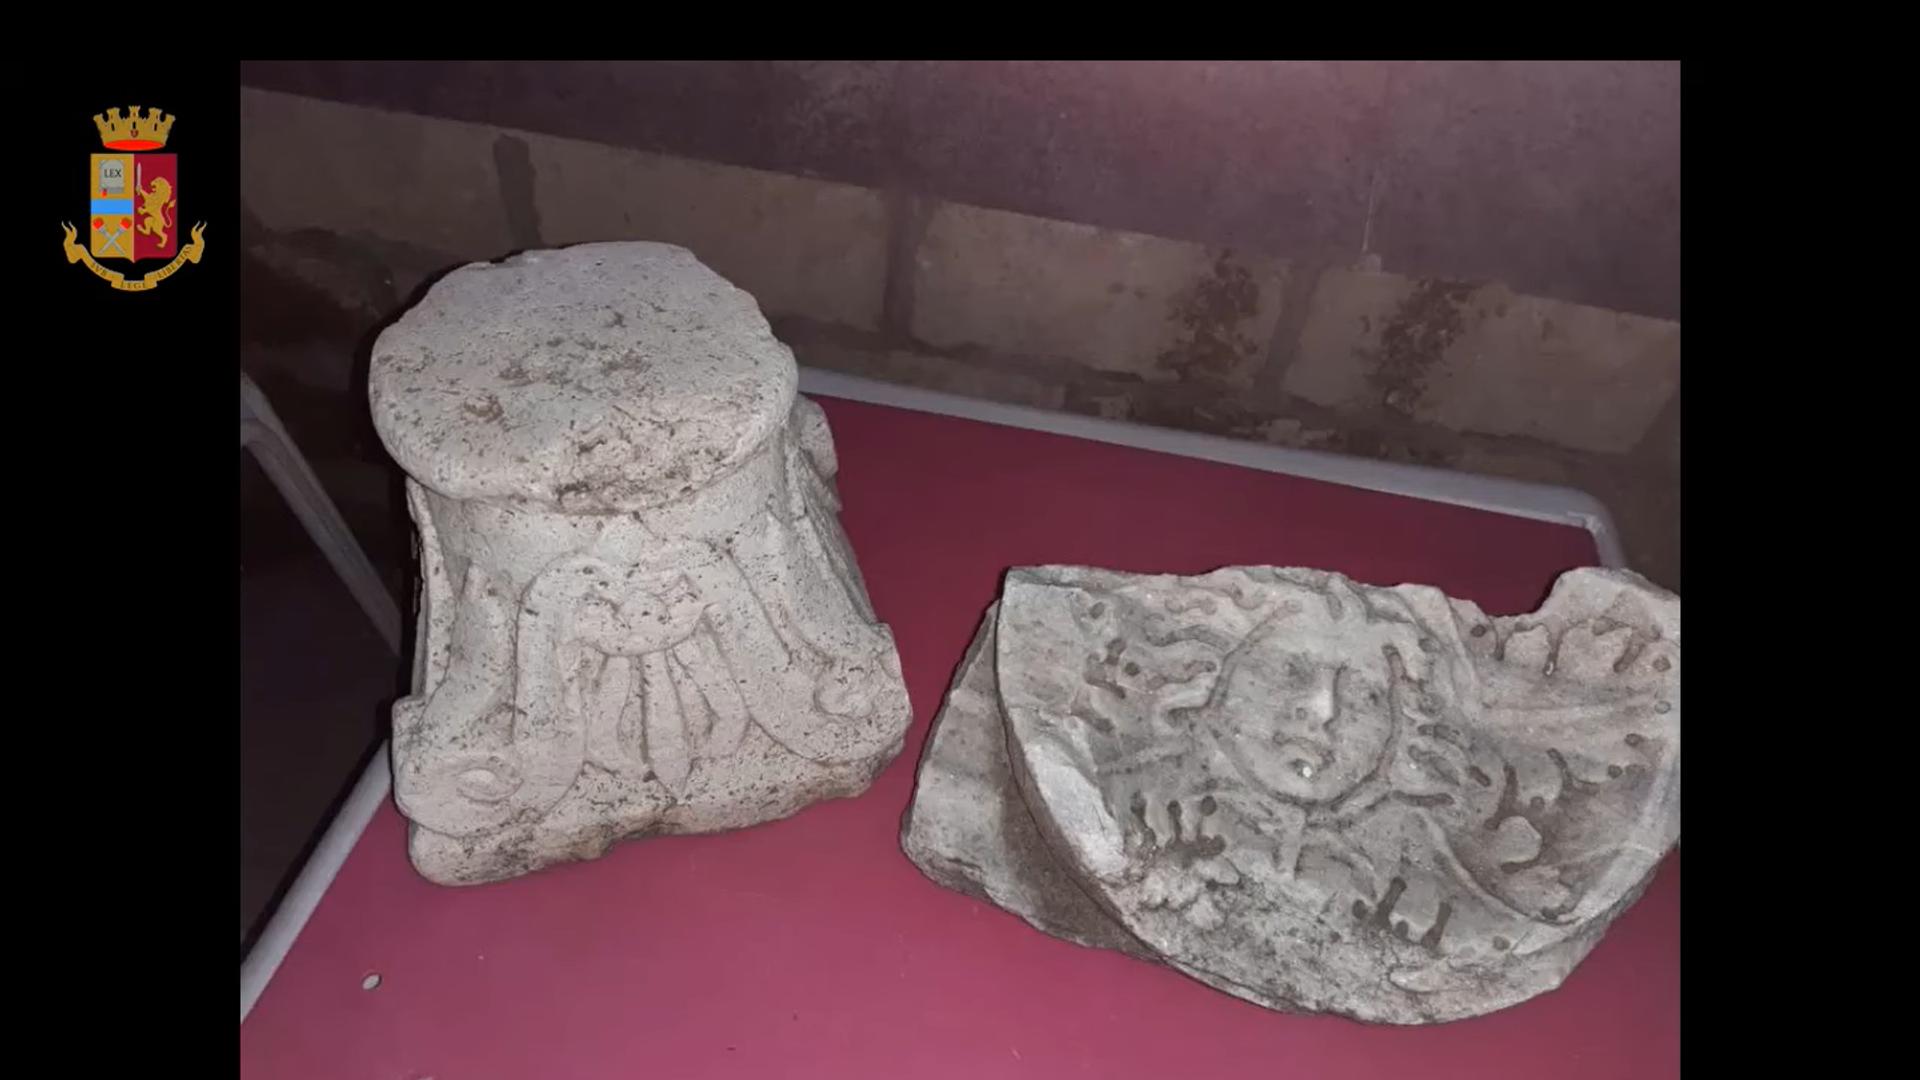 Il tesoro della Roma imperiale sequestrato in un bar grazie all'intuizione di un archeologo - Sputnik Italia, 1920, 06.06.2021